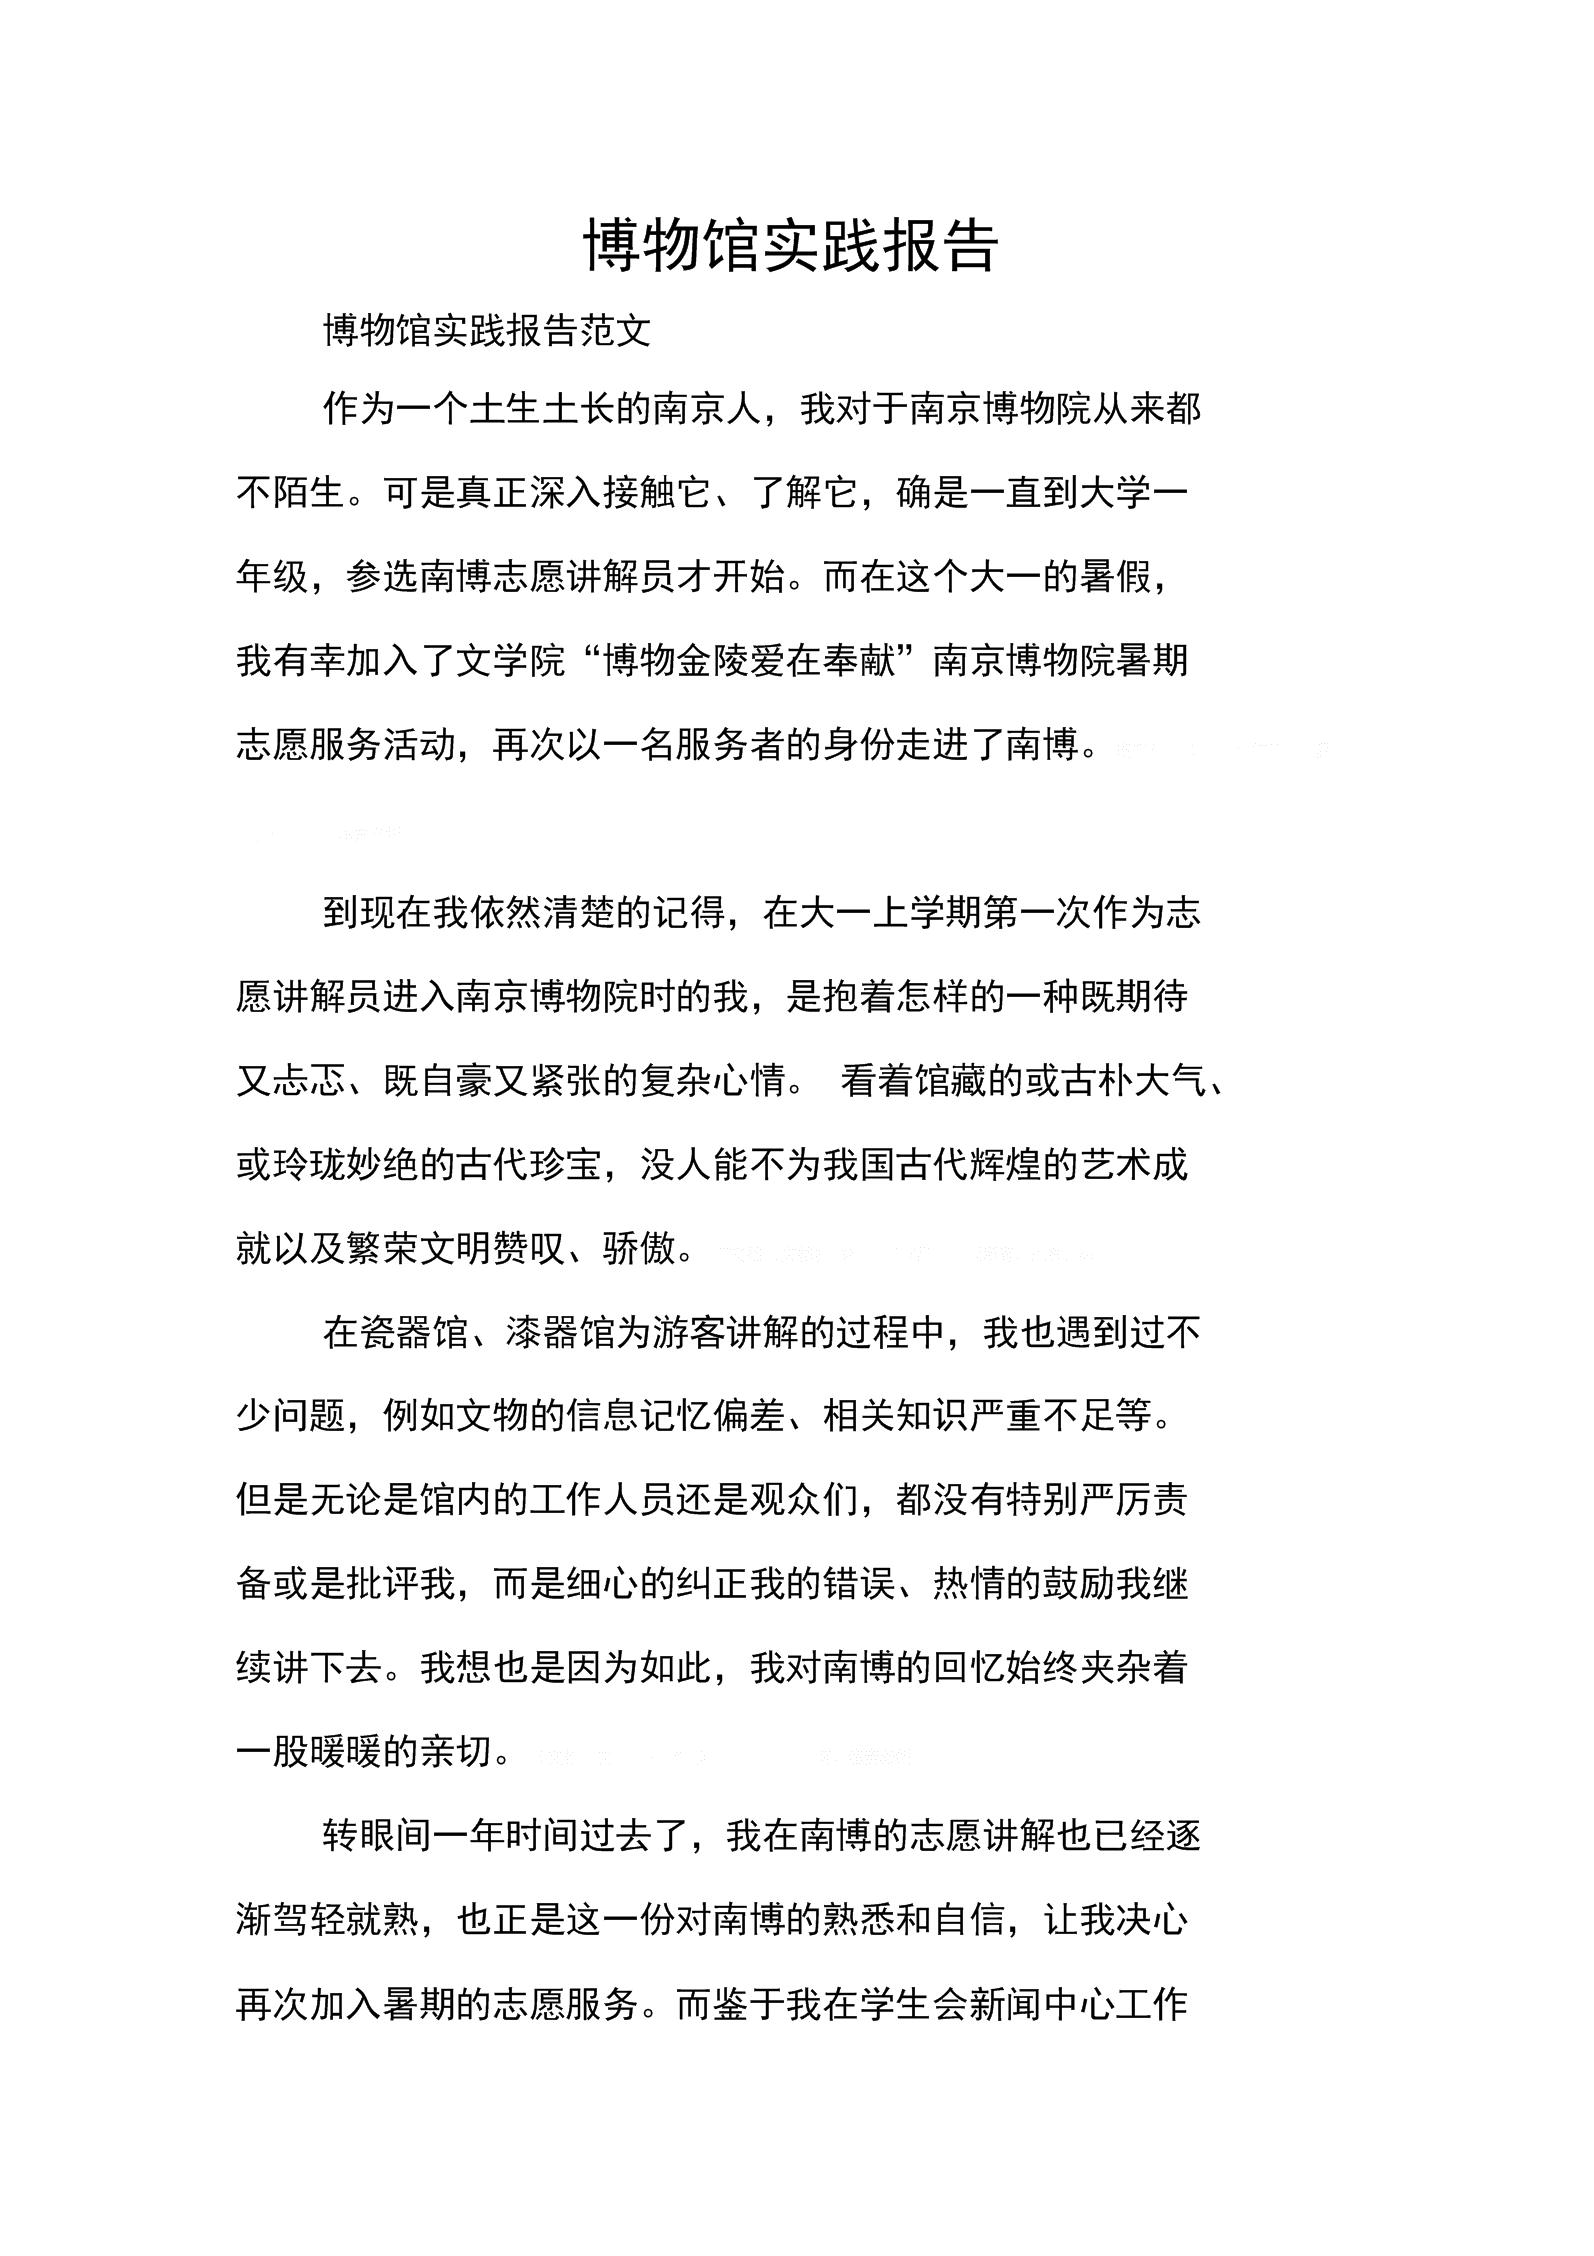 博物馆实践报告.docx